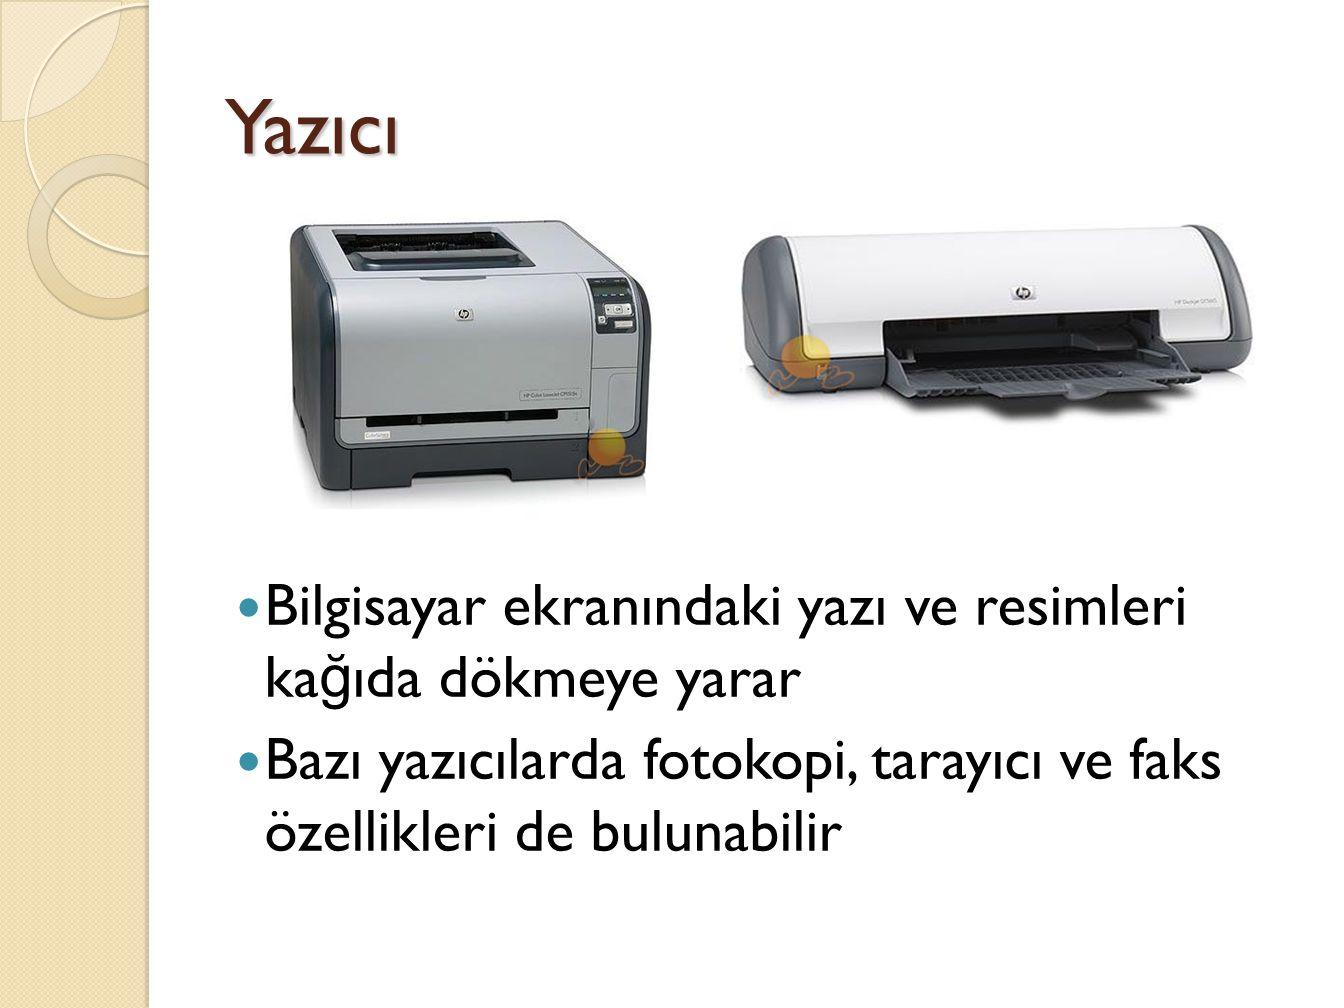 Yazıcı Bilgisayar ekranındaki yazı ve resimleri ka ğ ıda dökmeye yarar Bazı yazıcılarda fotokopi, tarayıcı ve faks özellikleri de bulunabilir